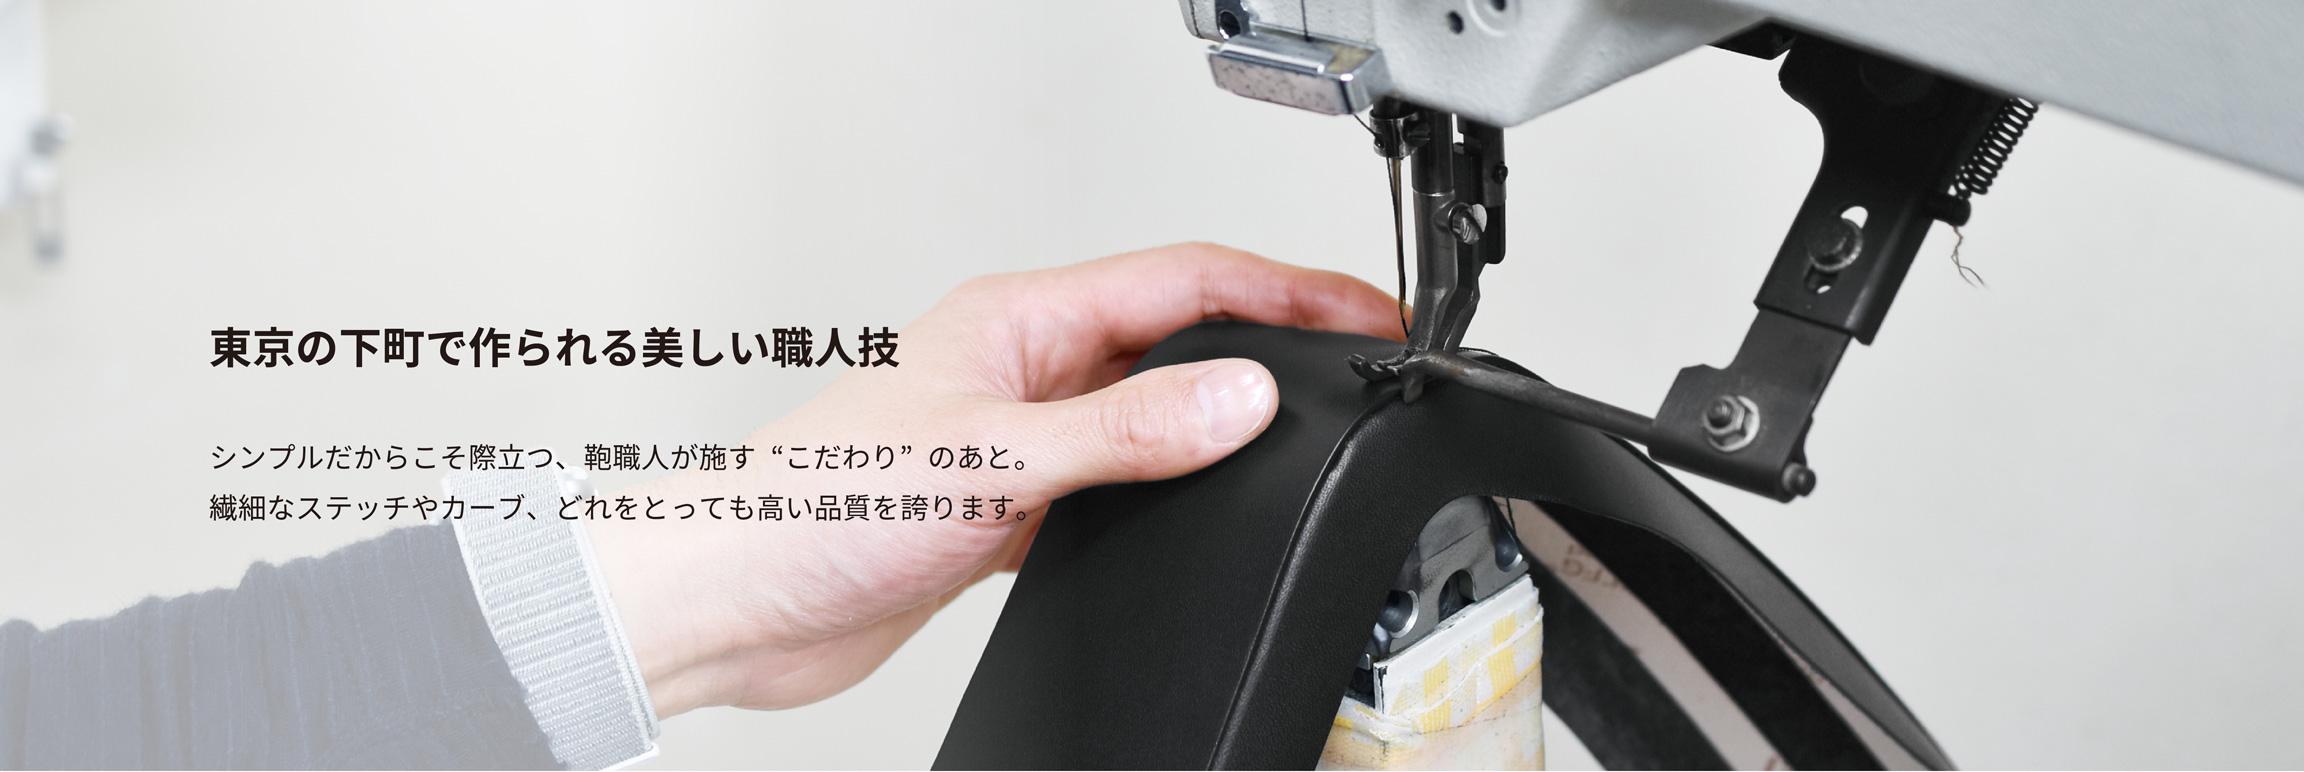 なめらかな曲線の縫製を可能にするポストミシンは主に靴やカバンの底など立体的な製品の製作に使われることが多く、繊細なステッチや曲線カーブ縫いに適しています。